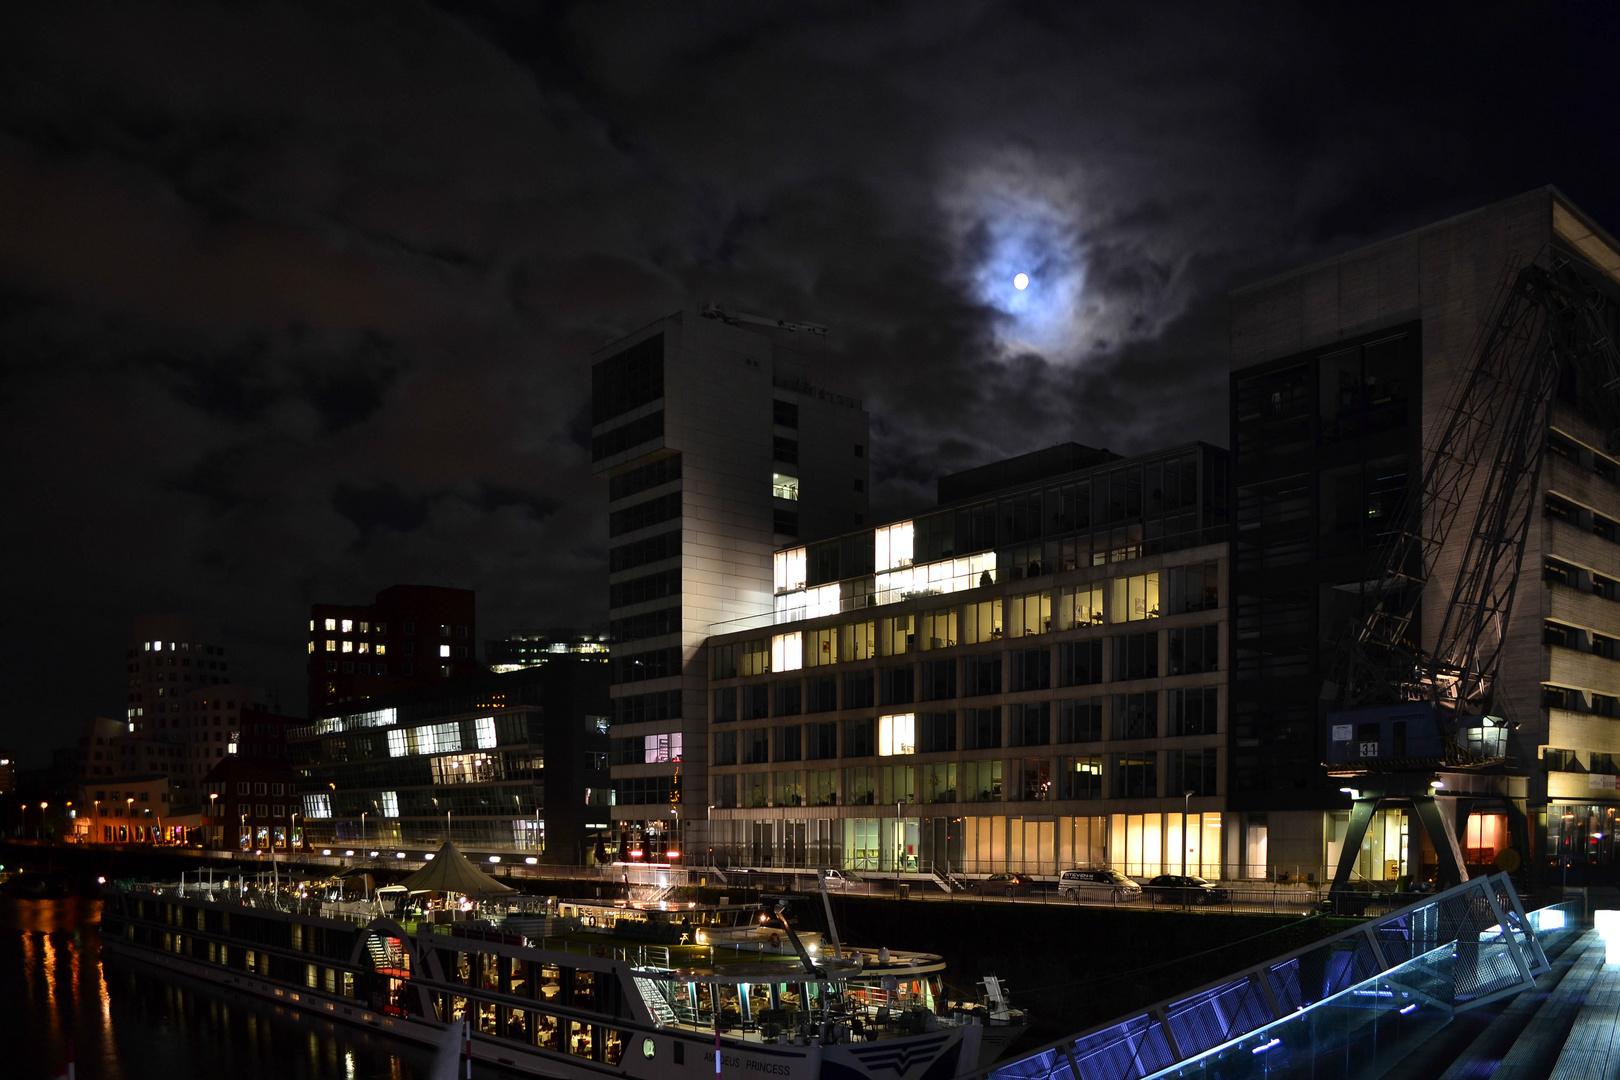 Der Mond schien helle.........